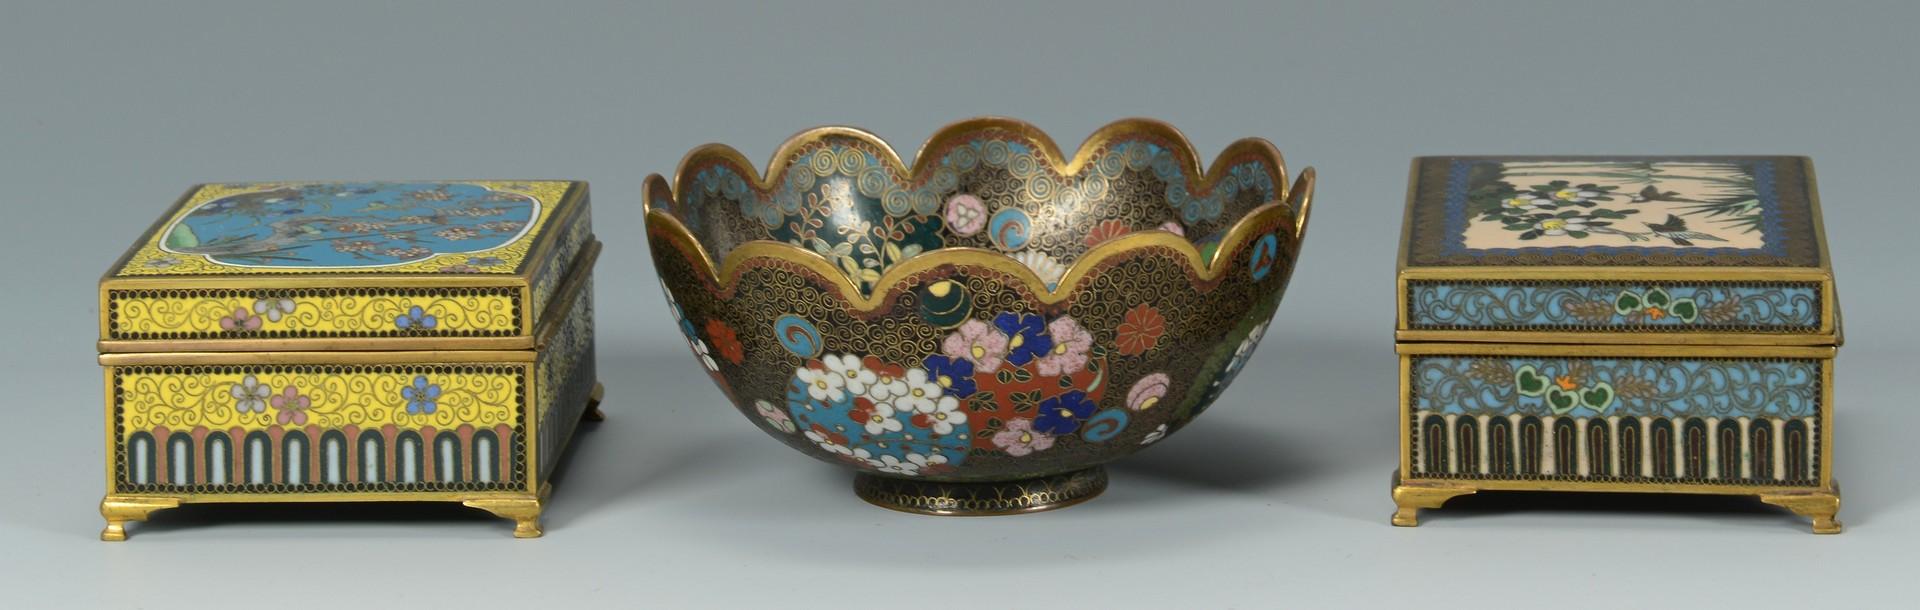 Lot 3383203: 2 Japanese Cloisonne Boxes & Signed Cloisonne Bowl